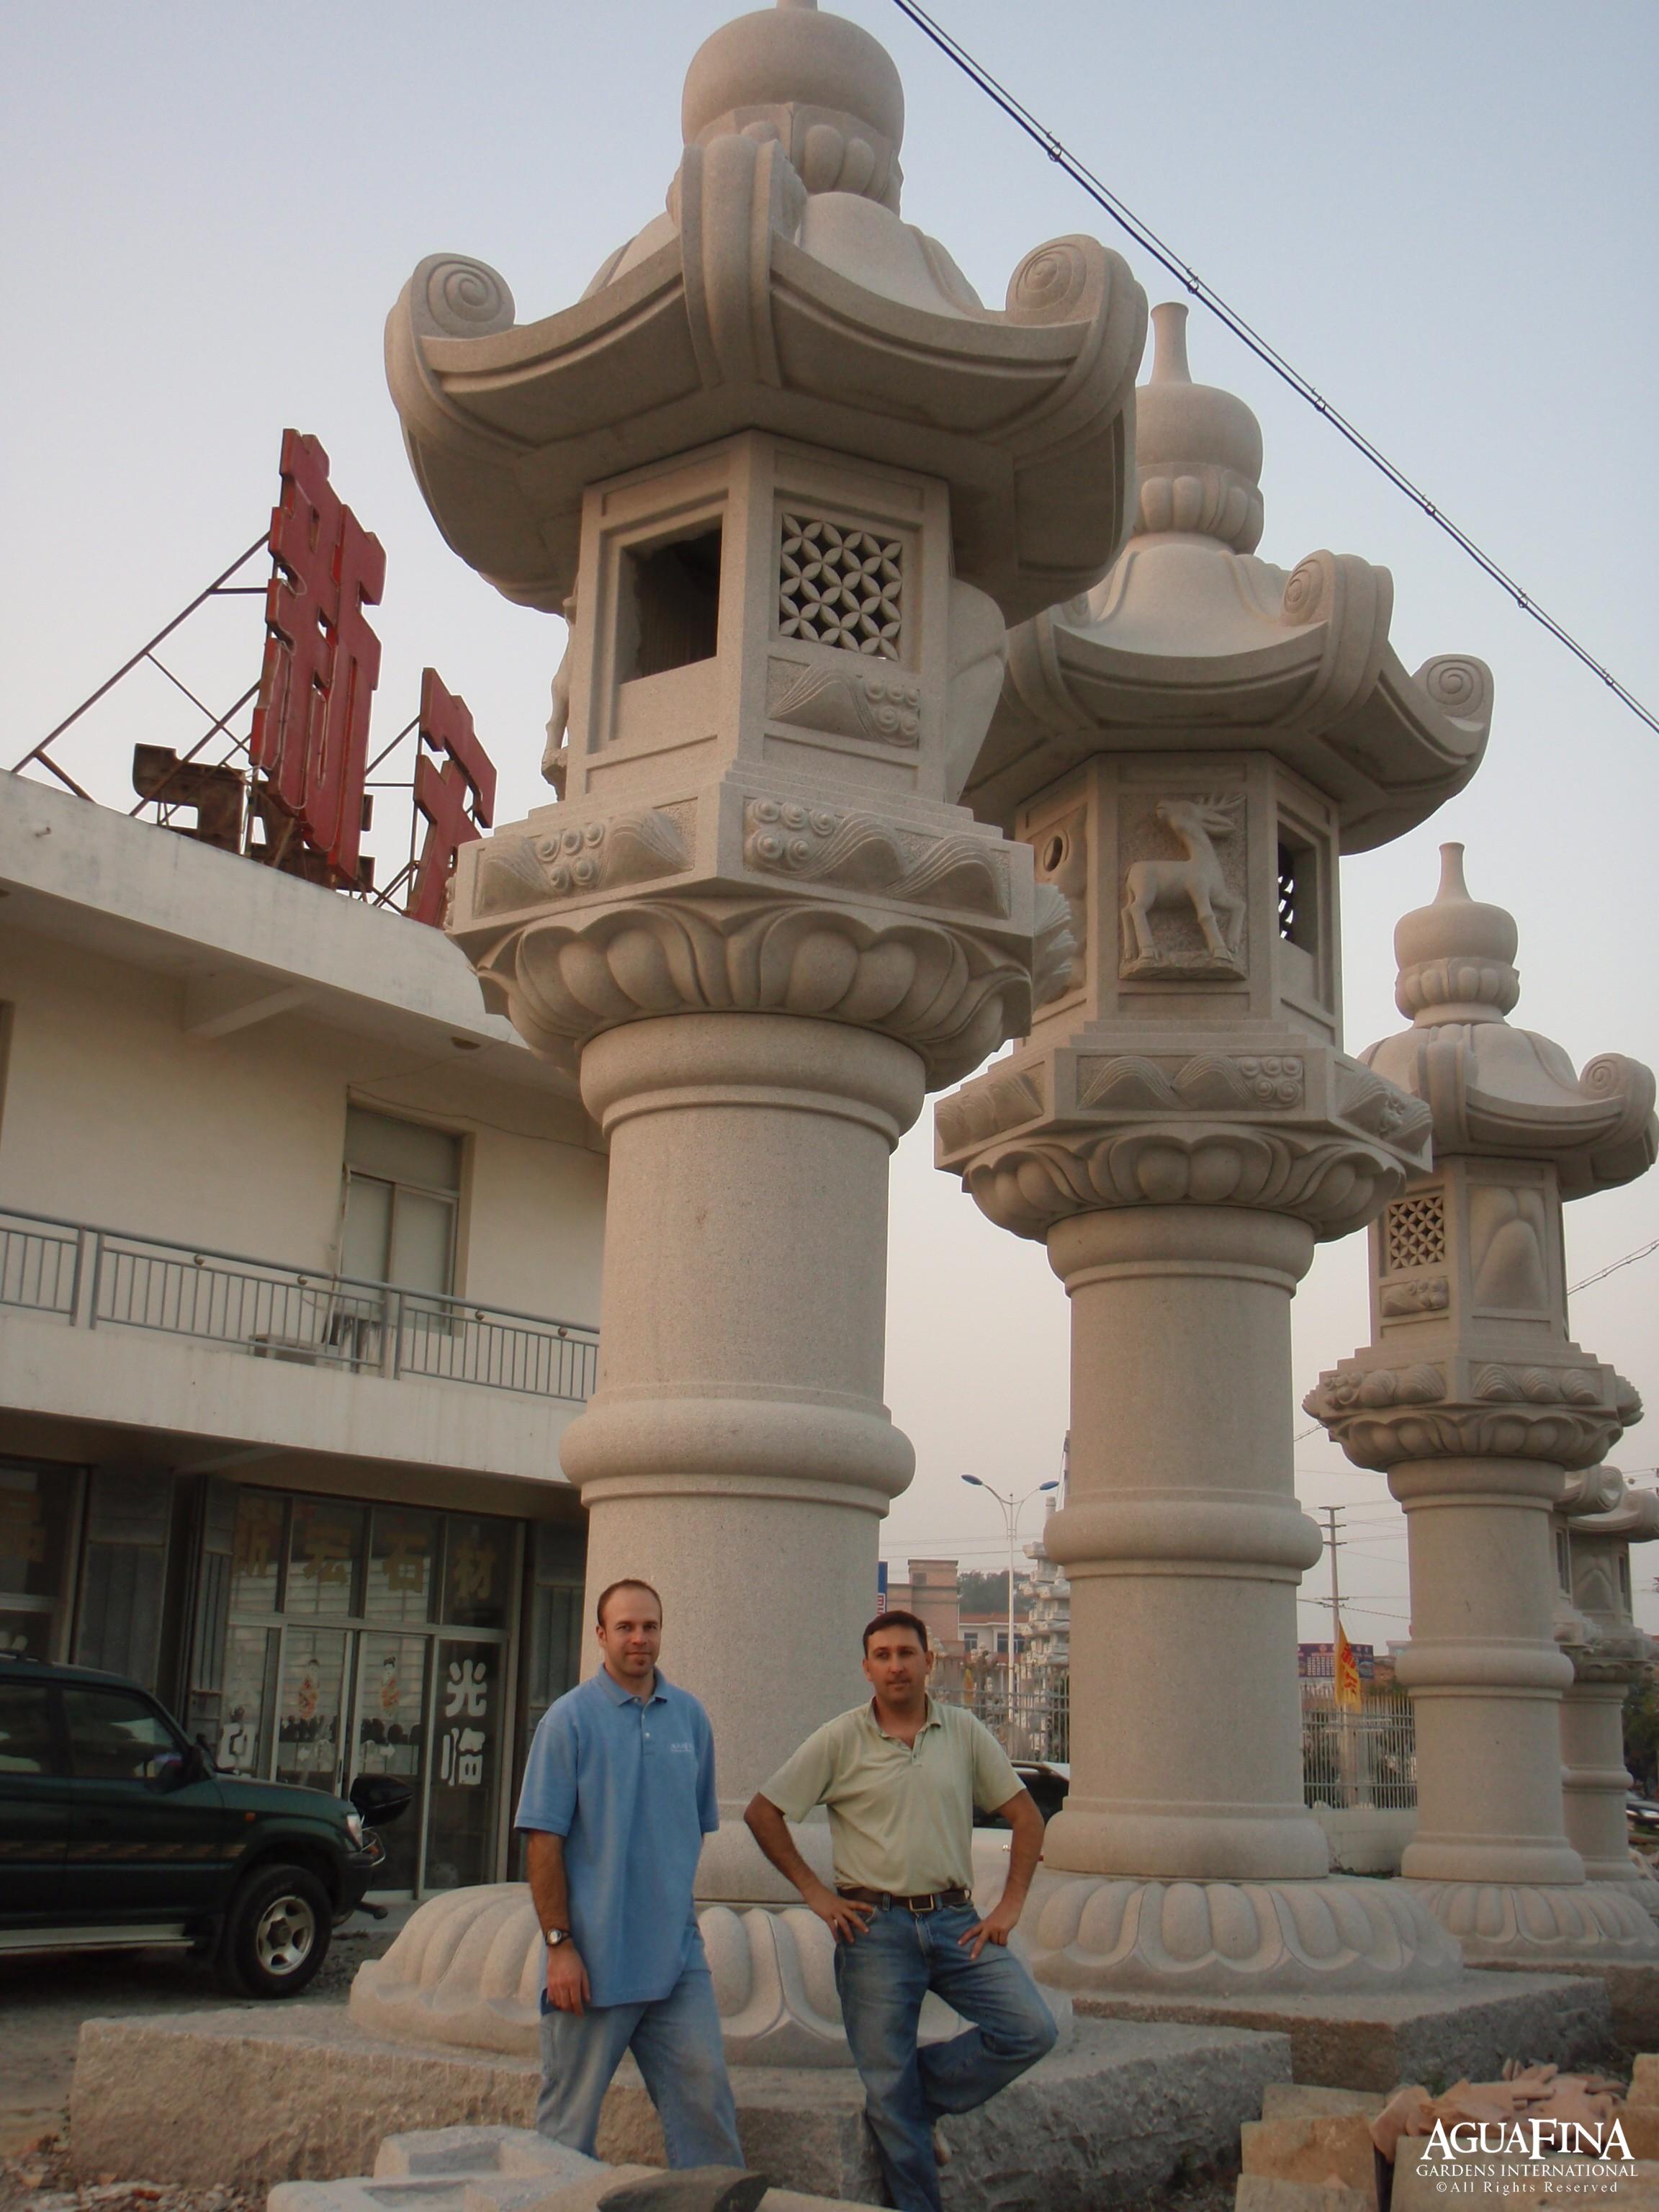 Large Kasuga Lanterns